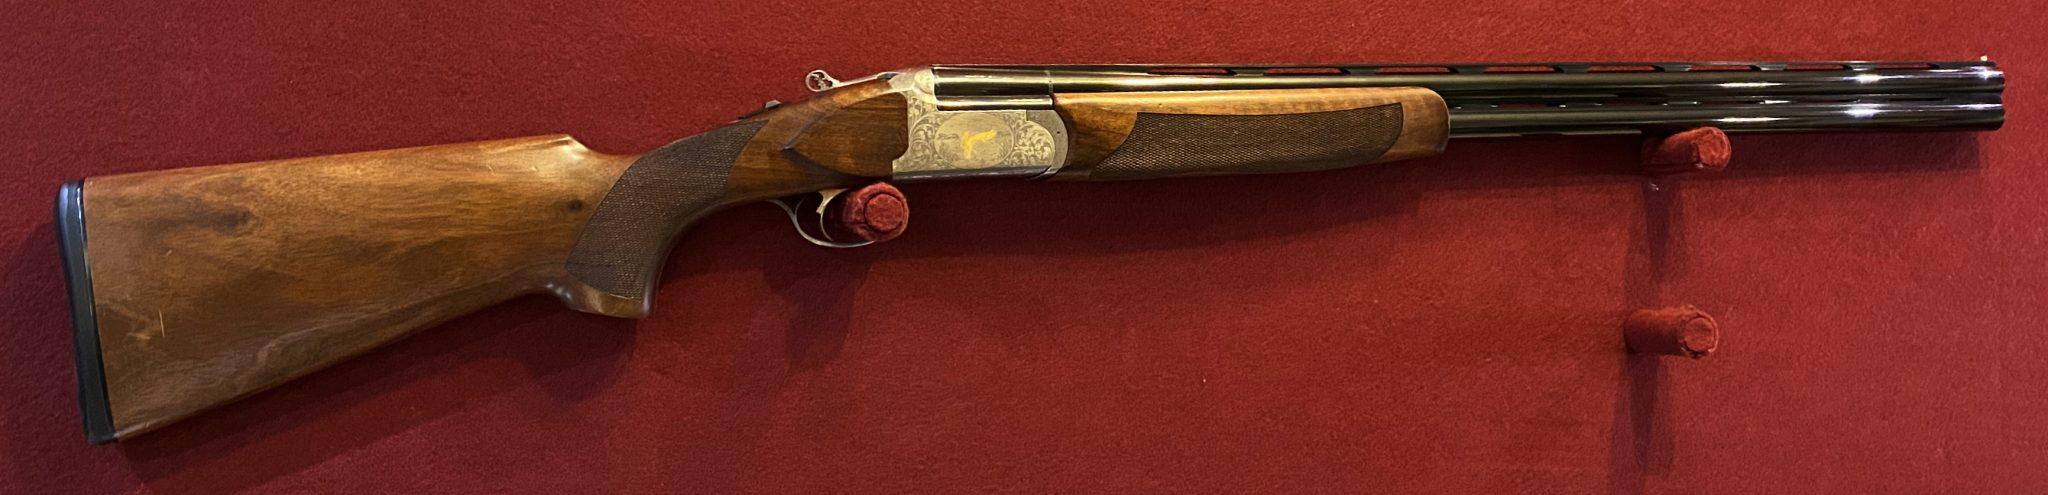 bettinsoli shotguns